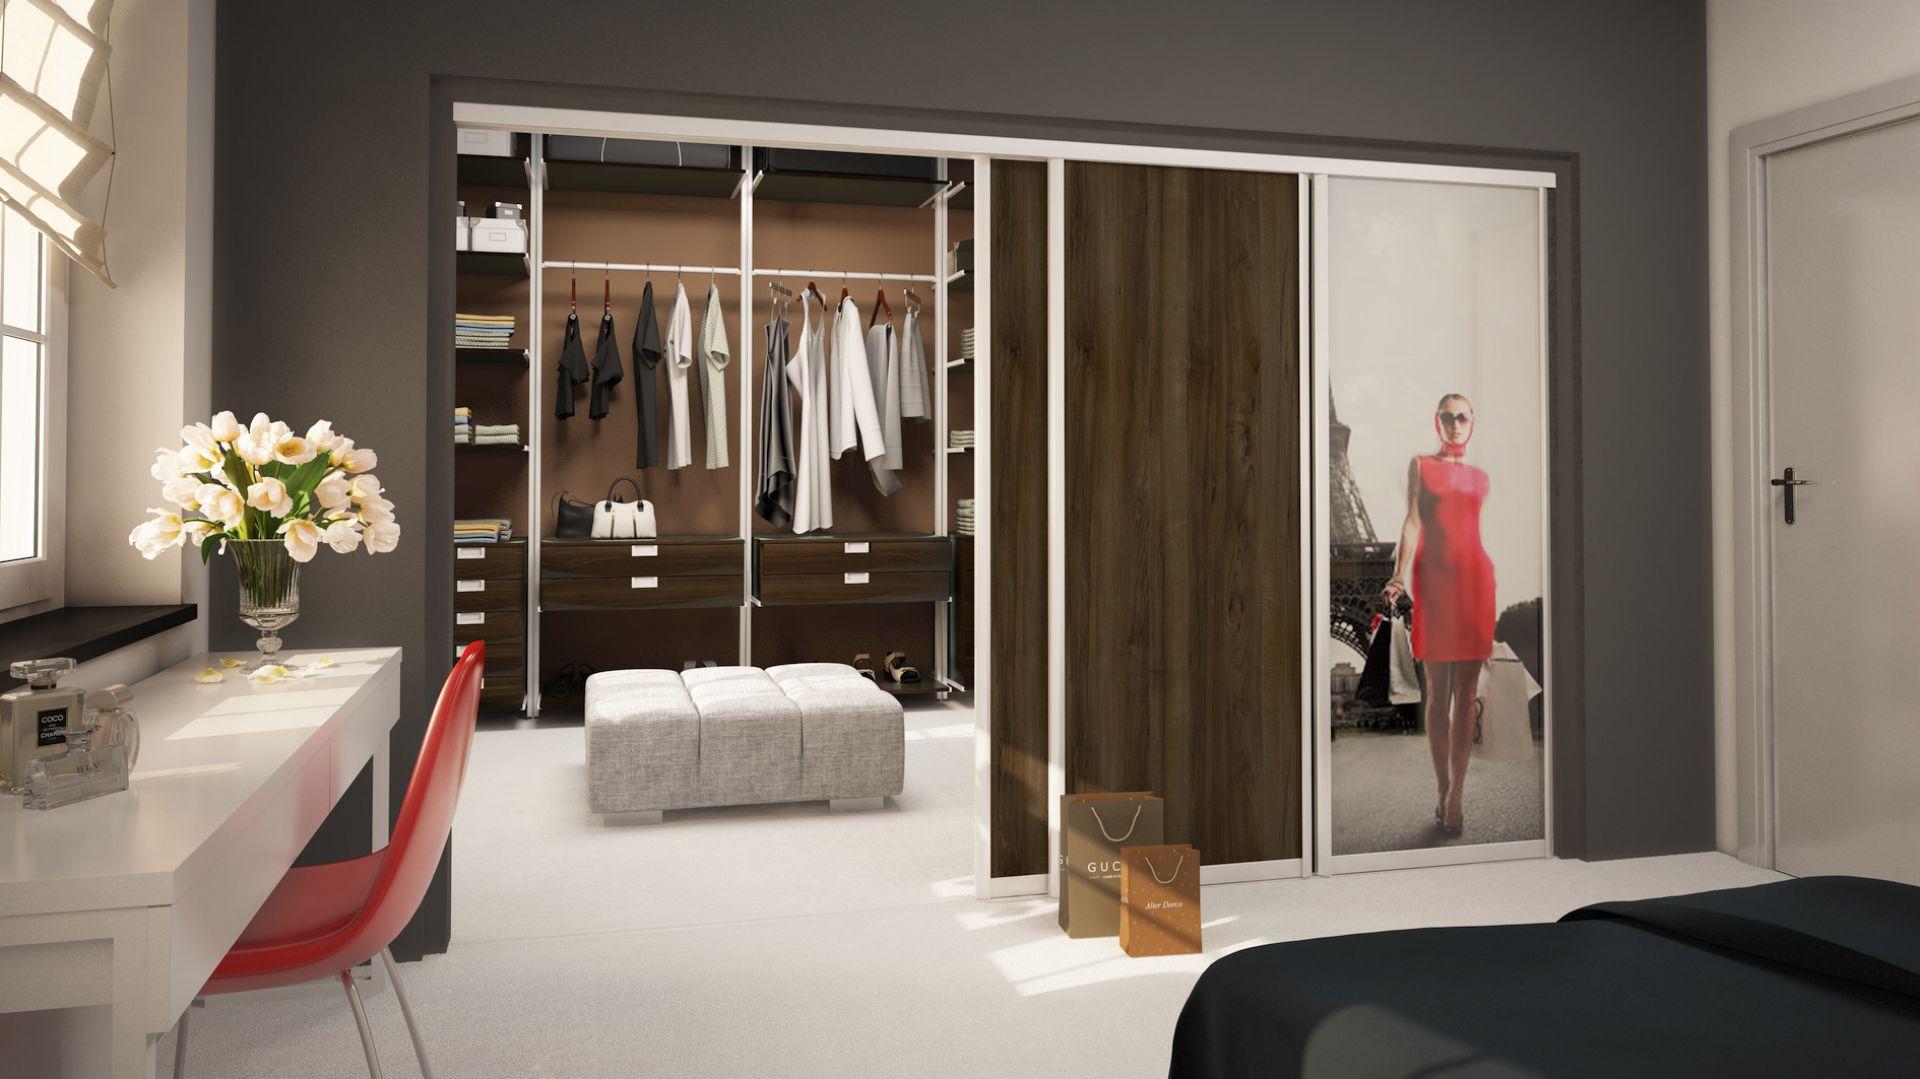 Garderoba w domu - trendy w aranżacji. Fot. Komandor